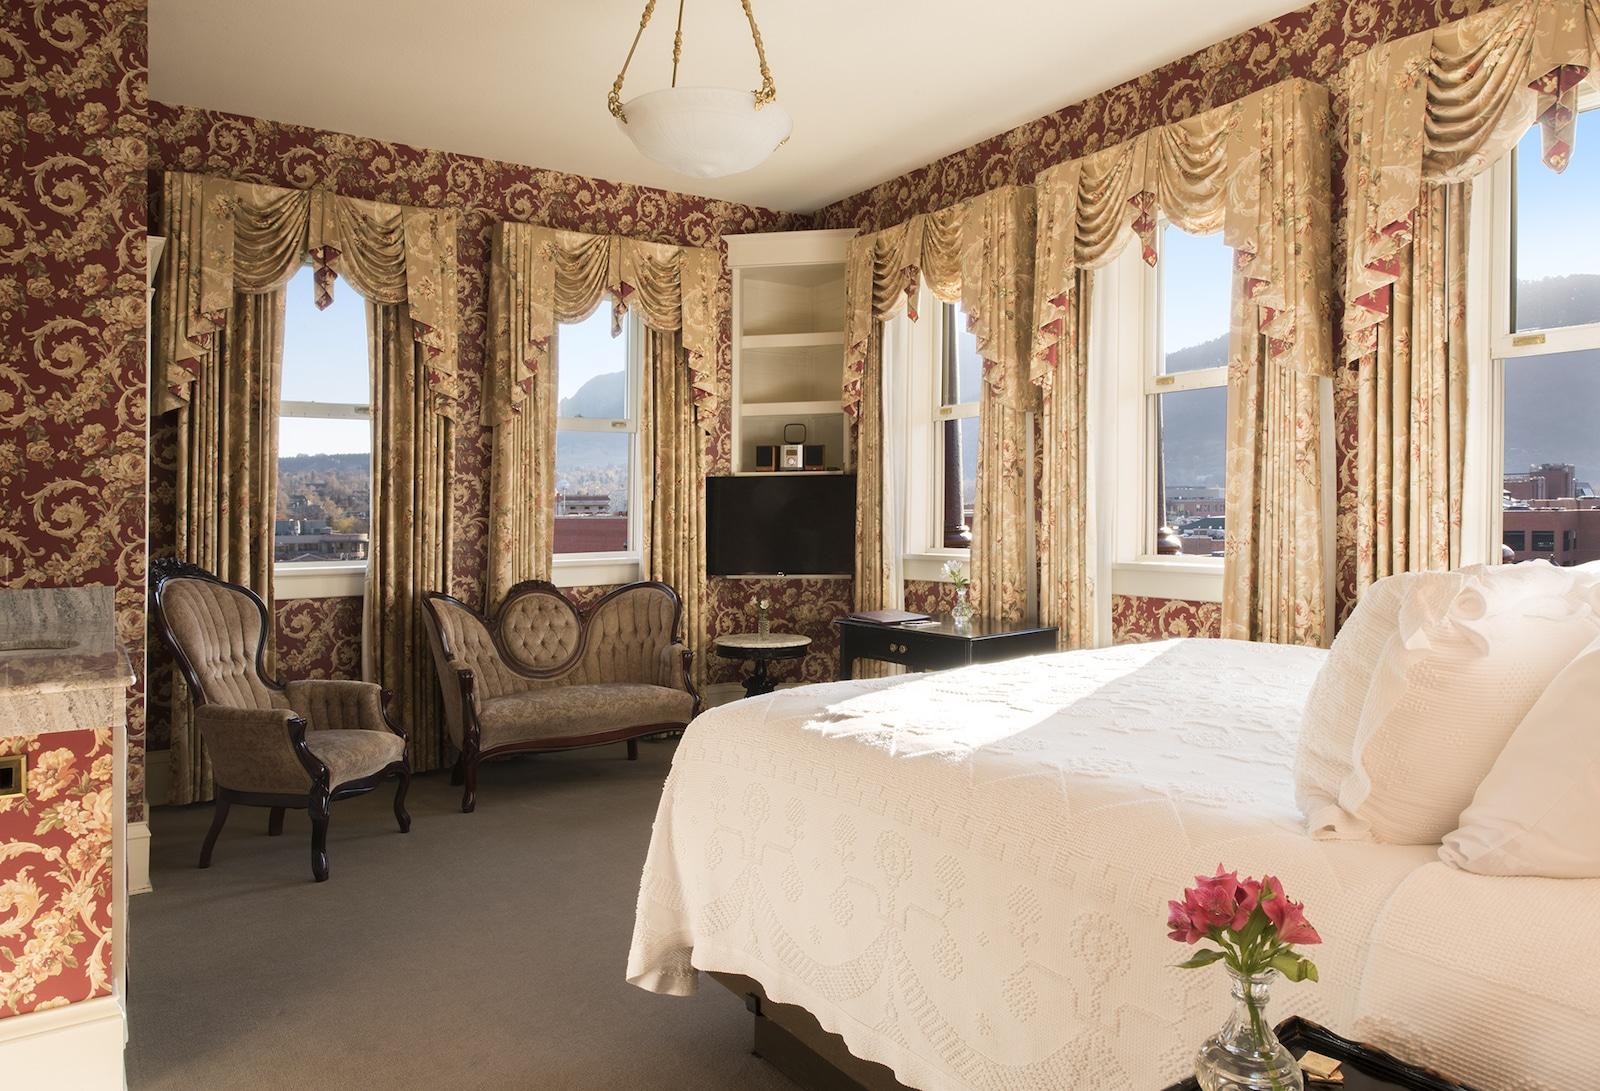 Image of bedroom 509 at Hotel Boulderado in Boulder, CO